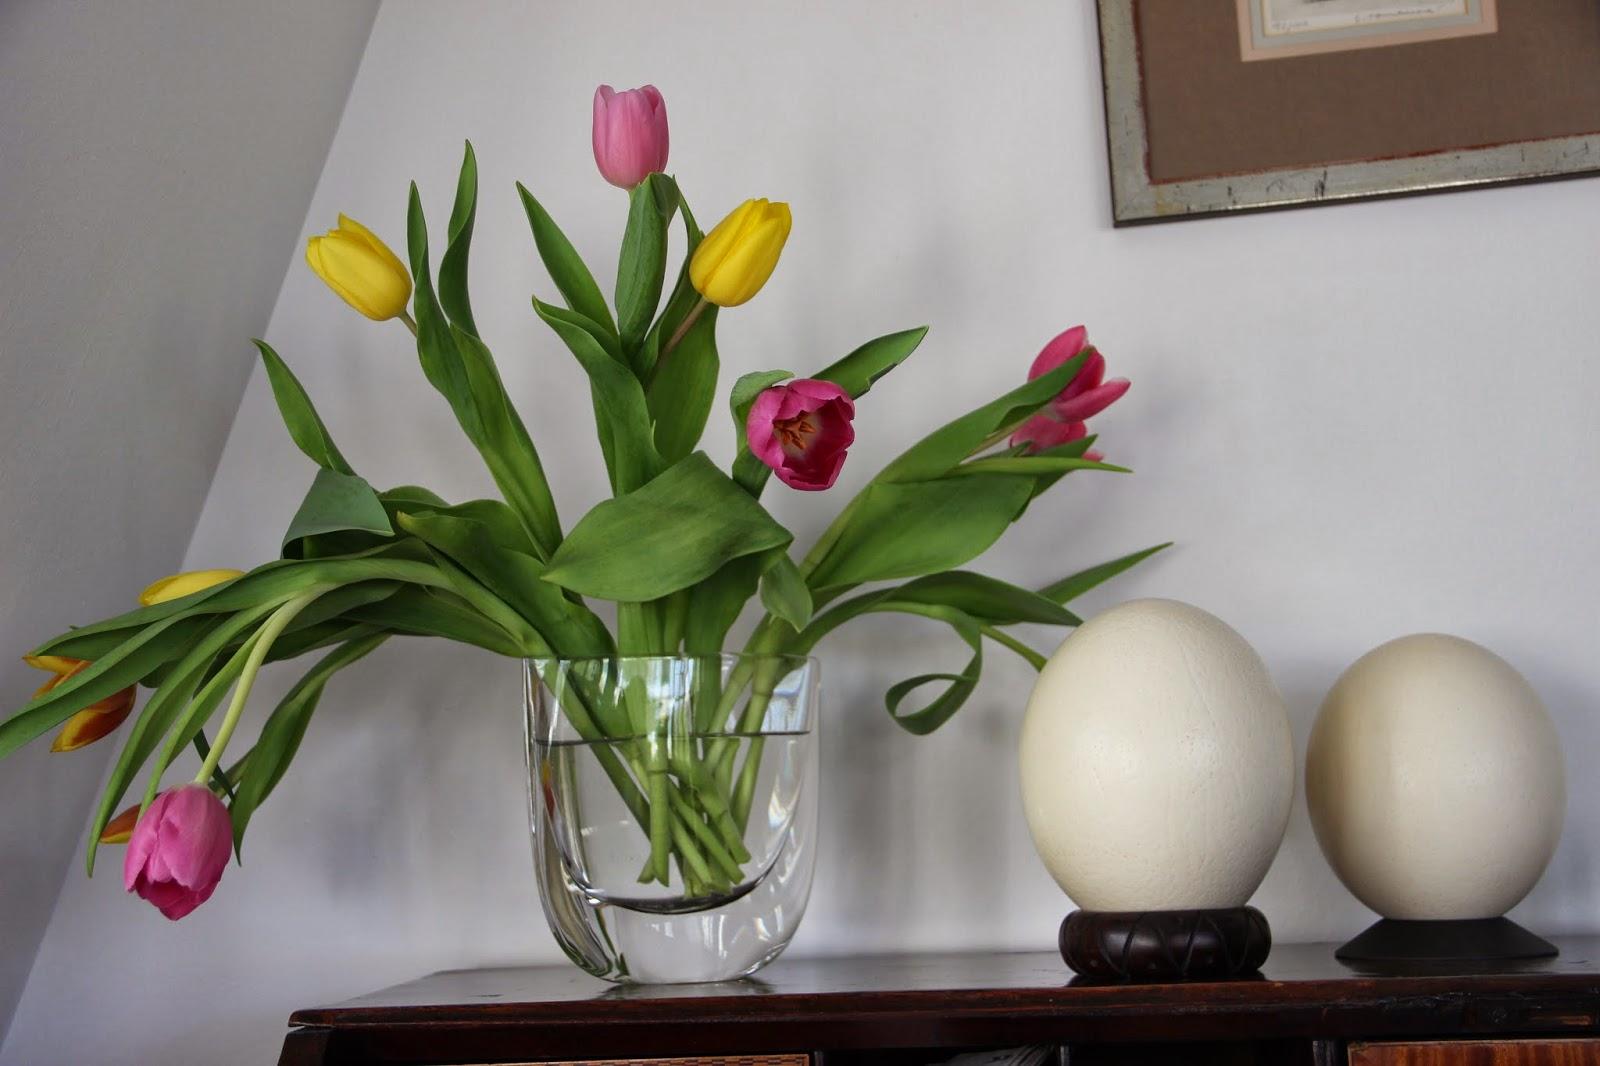 zeitschriftenwurm osterdekoration oder wei ist eine farbe. Black Bedroom Furniture Sets. Home Design Ideas